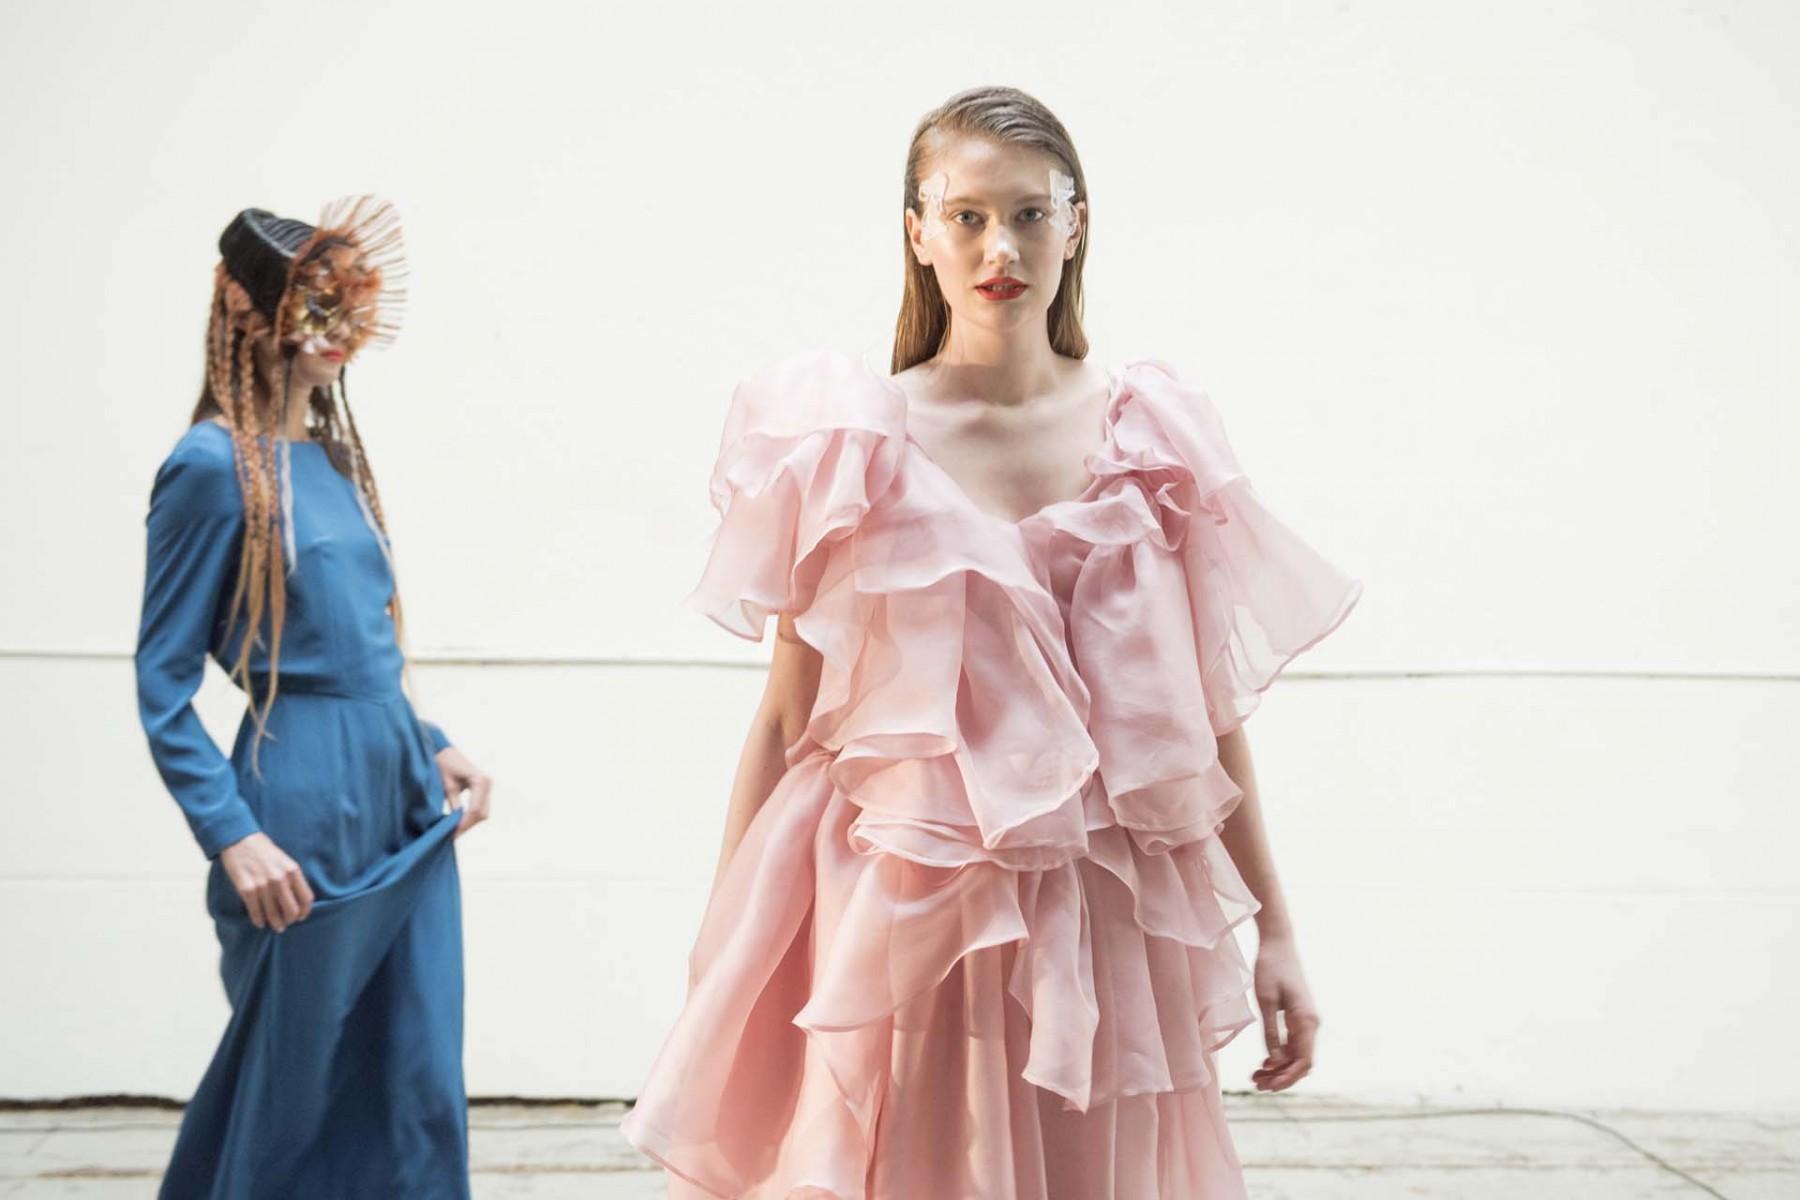 Xuan-Printemps-Eté-2020-Haute-couture-Paris-7